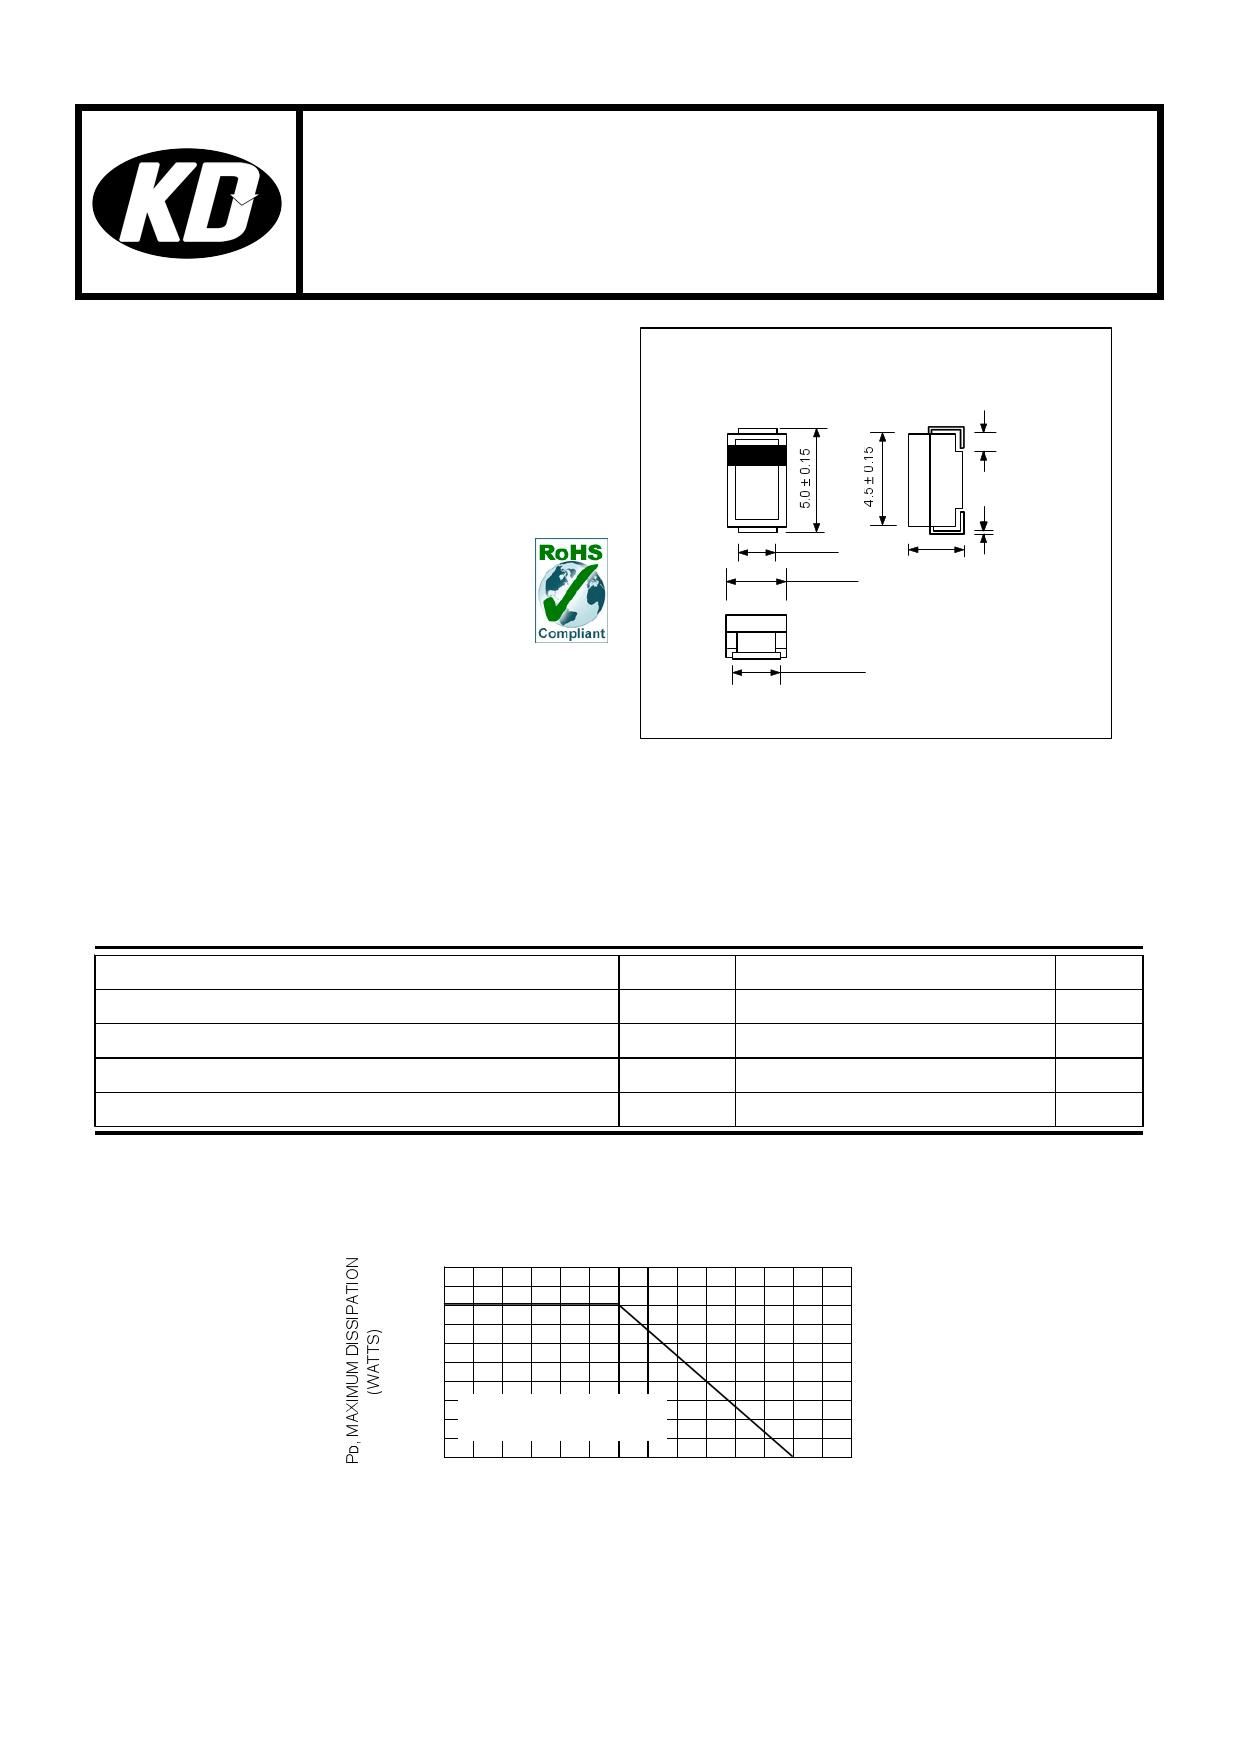 SZ40B0 datasheet